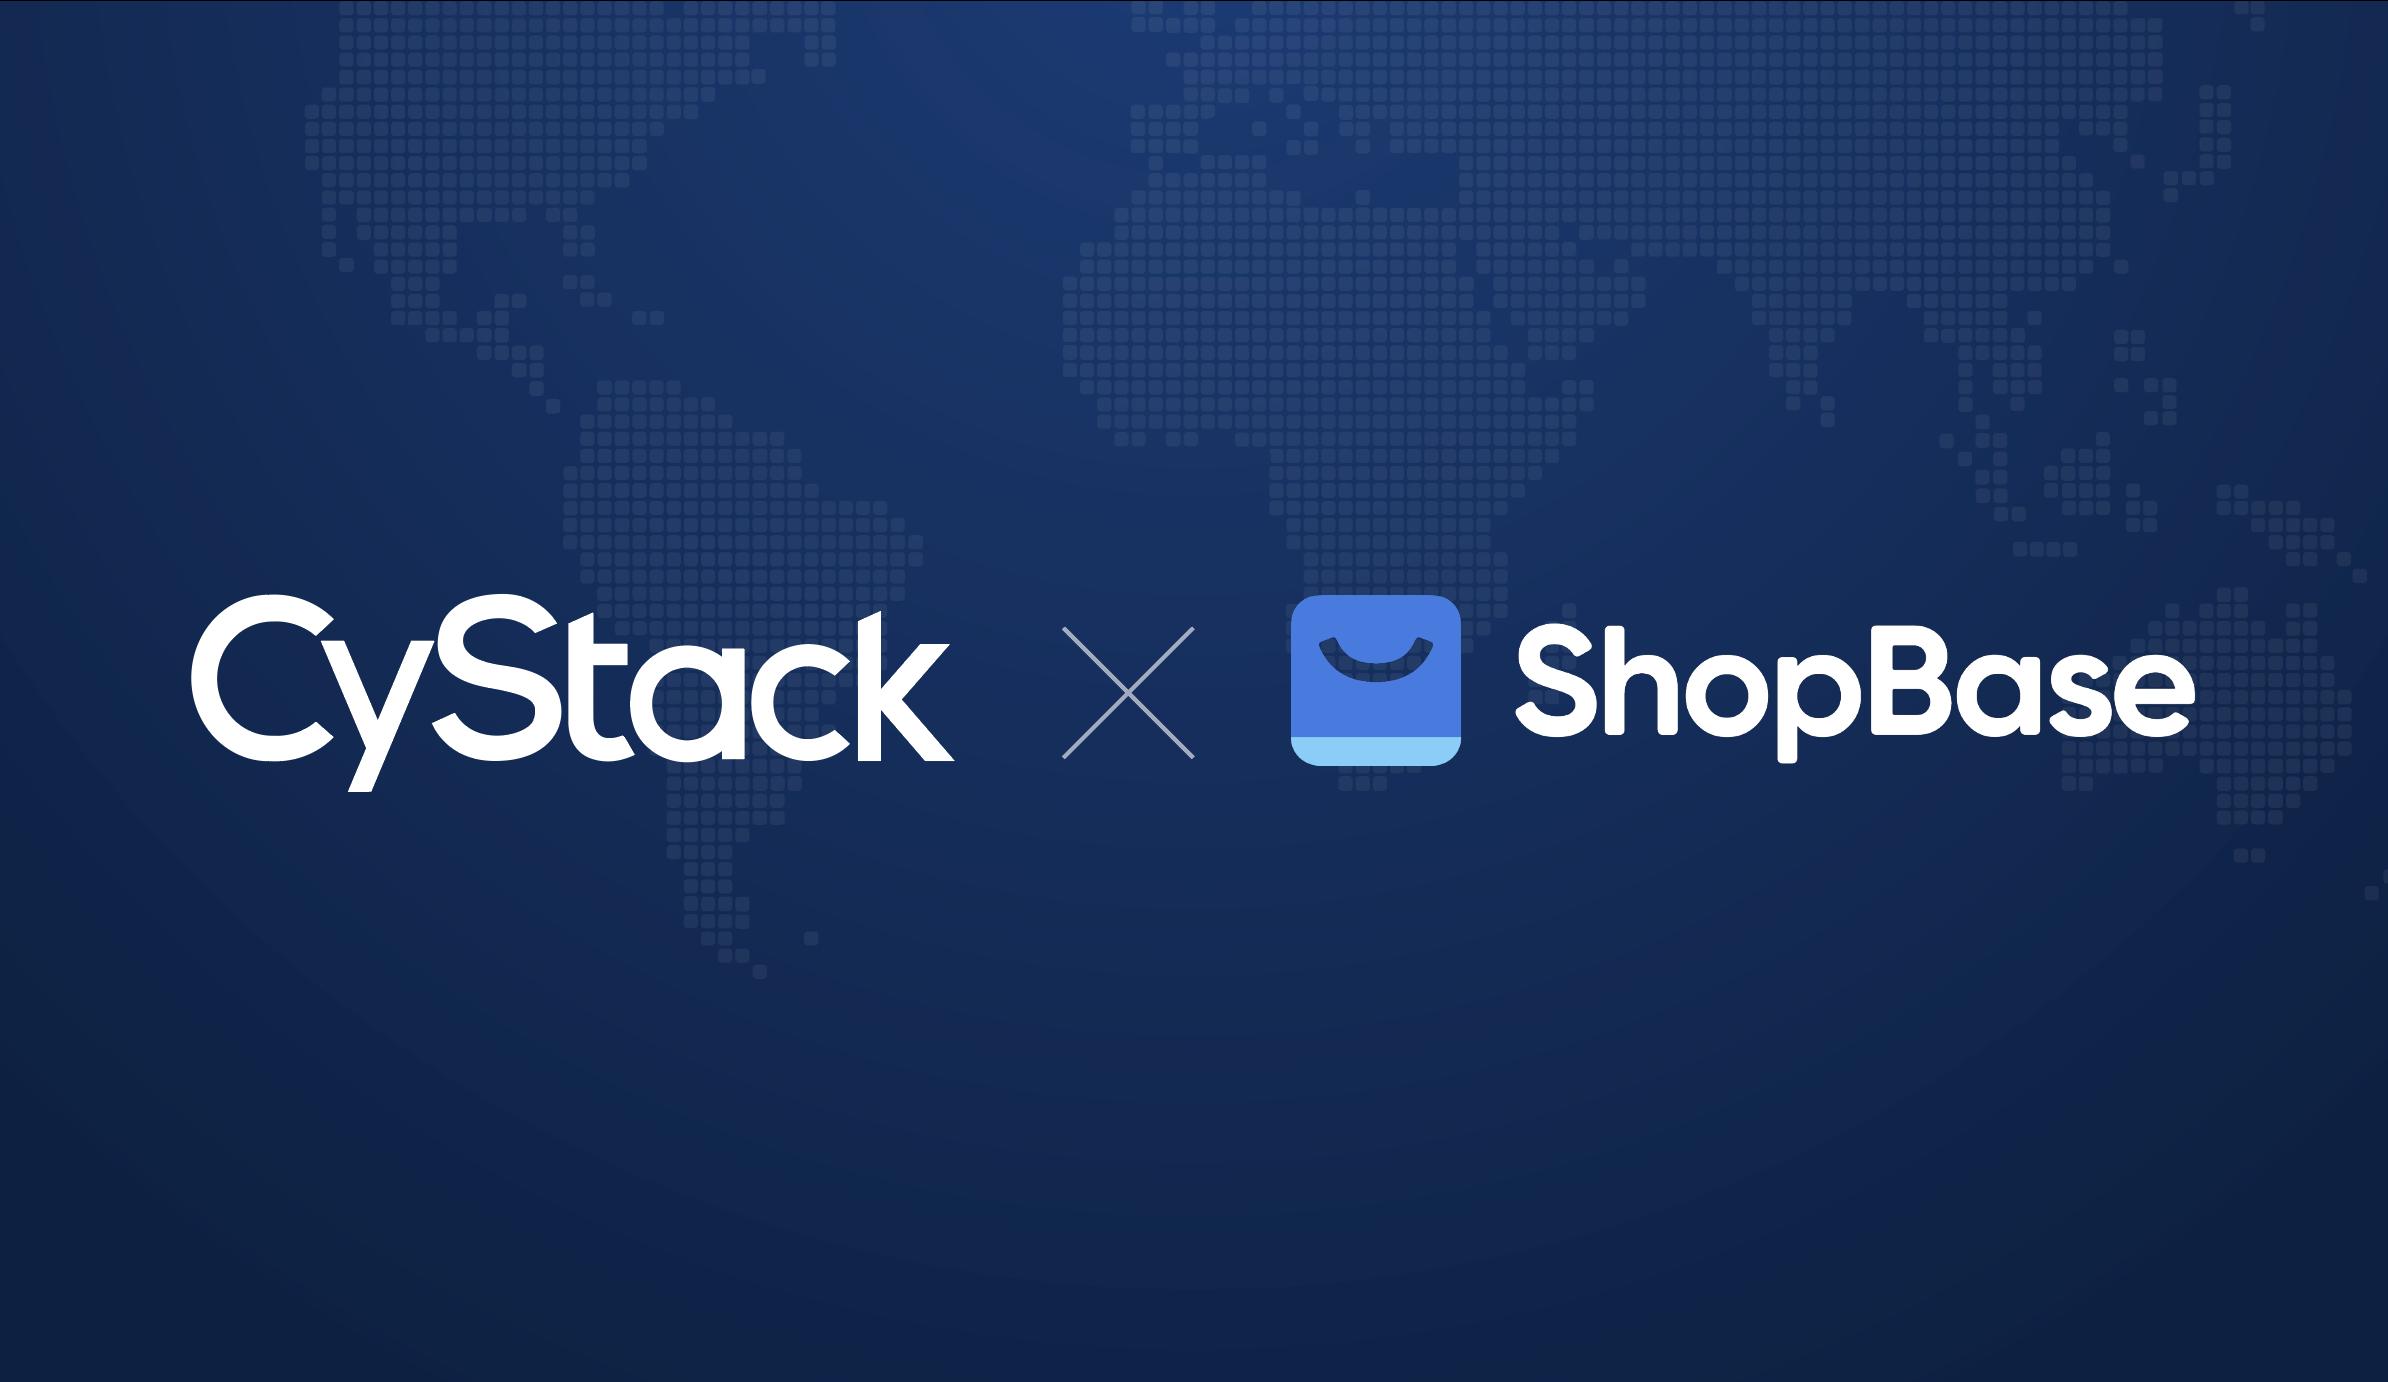 CyStack triển khai giám sát bảo mật cho ShopBase